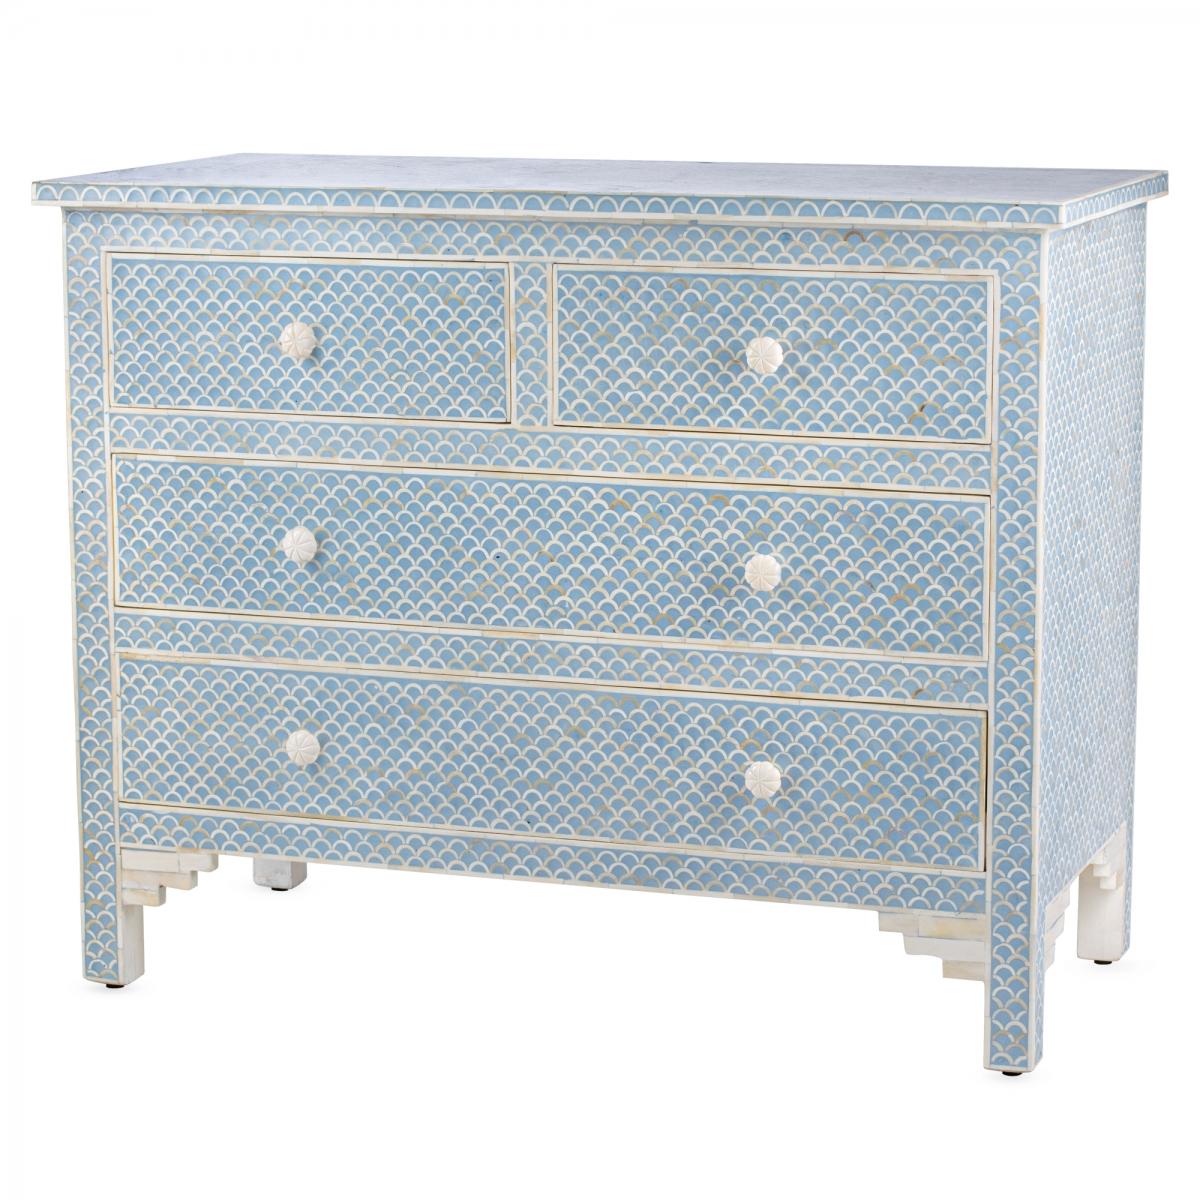 Комод голубой отделка кость Moroccan Design BONE inlay Dresser 4 DRAWER  - фото 1